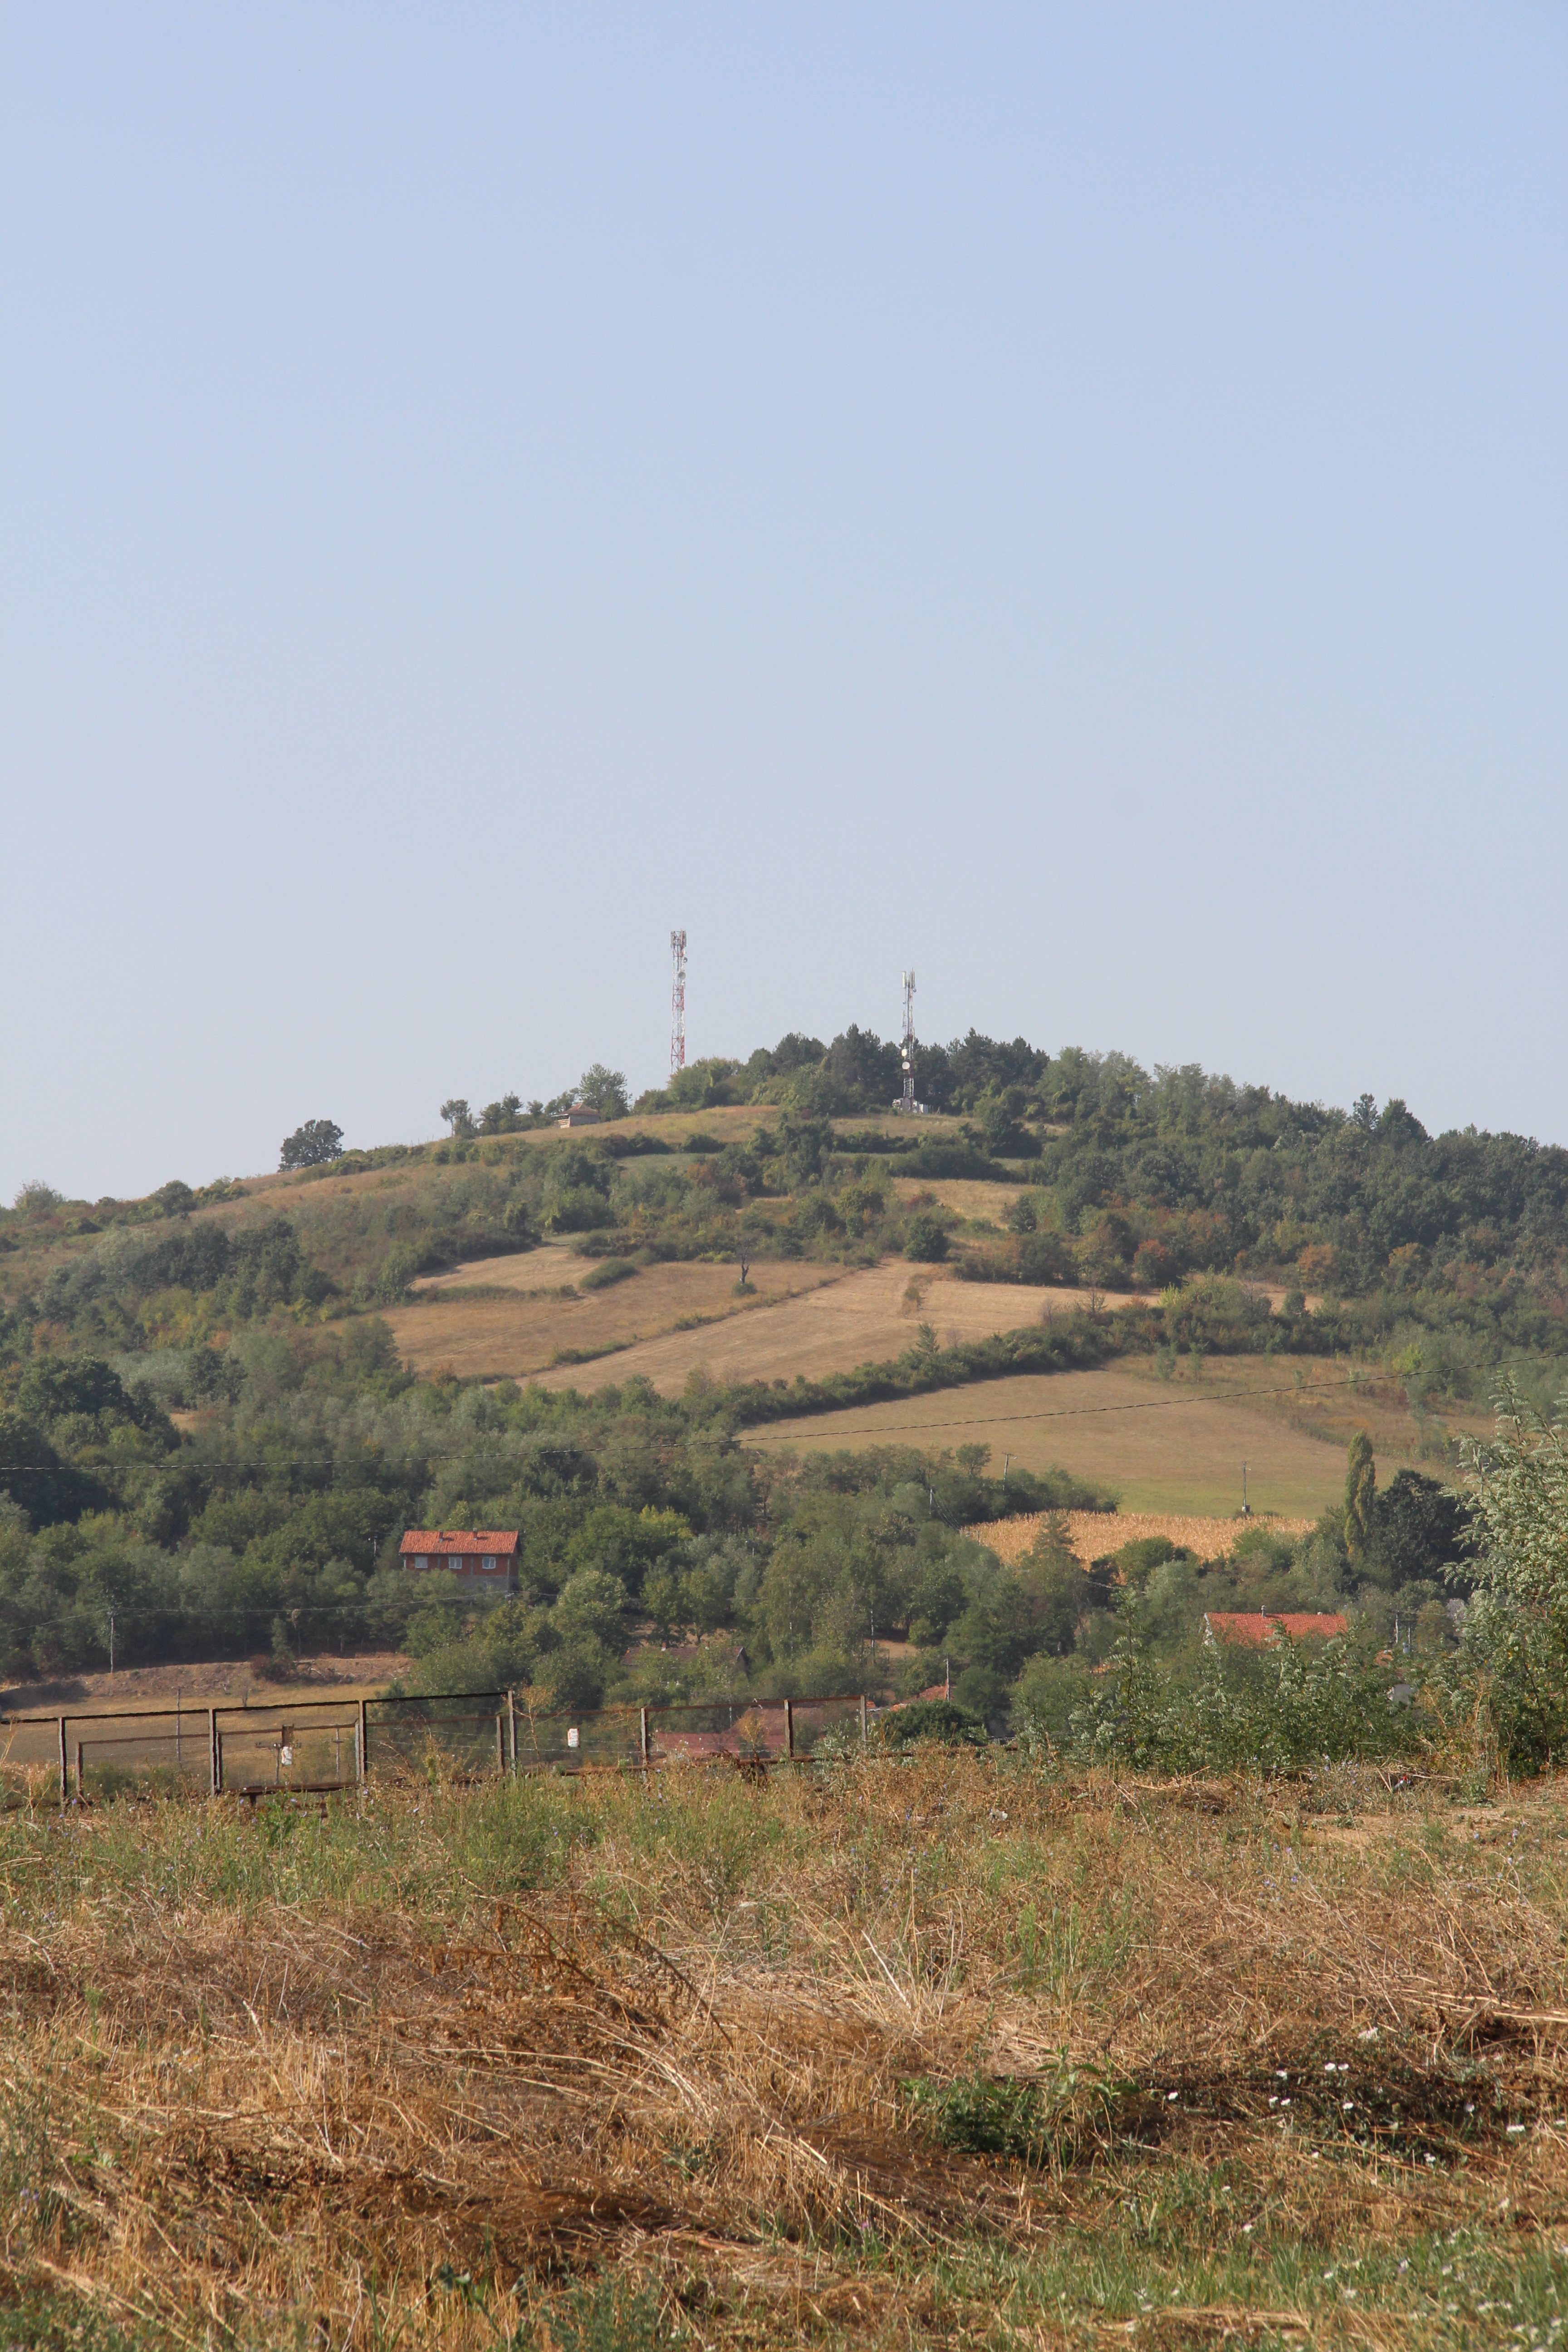 Vremea în Lajkovac pe o lună